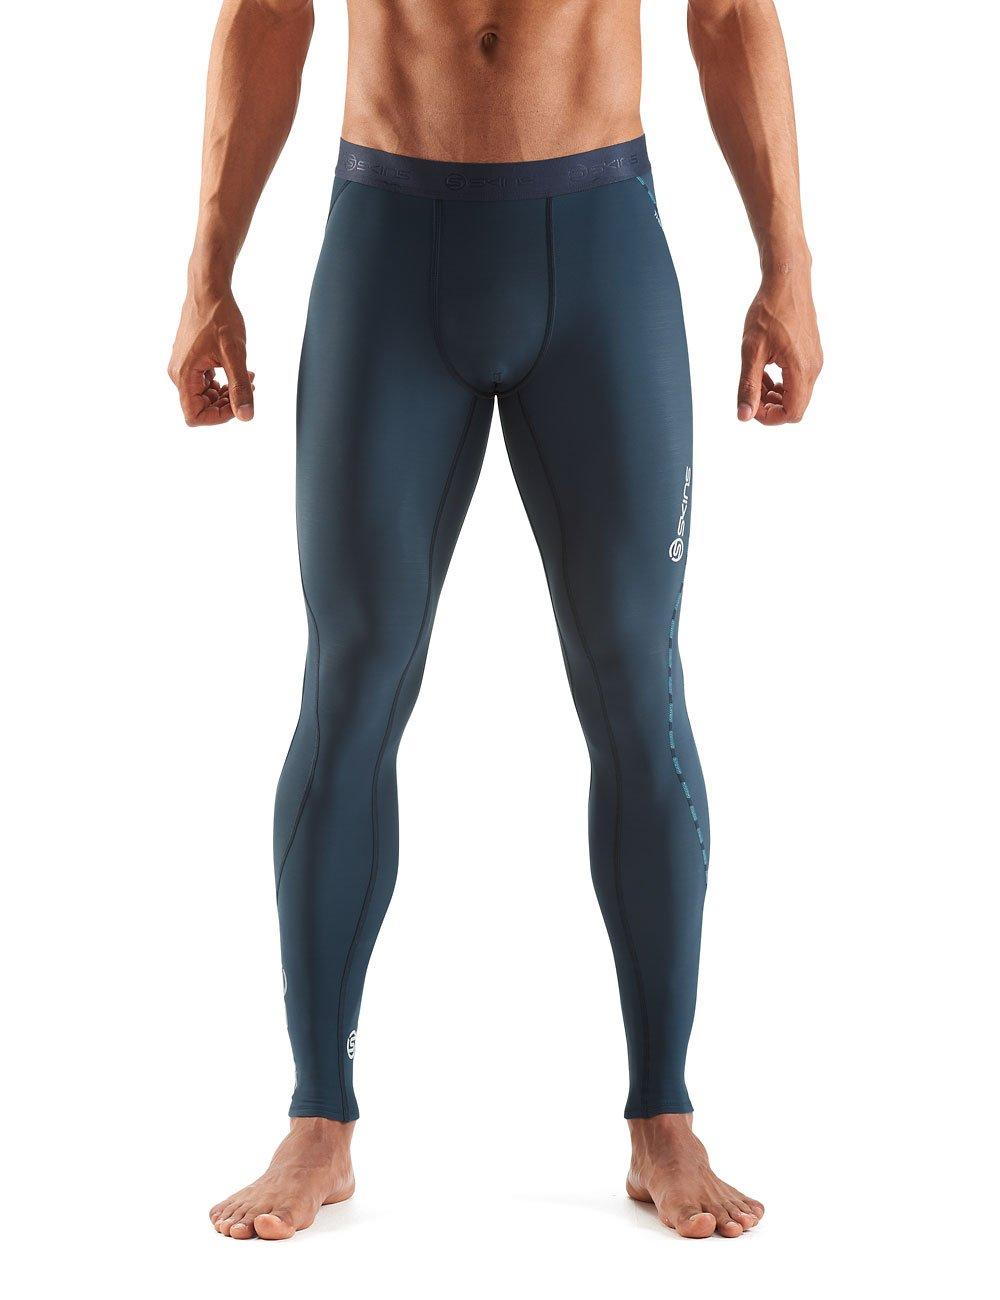 Skins Dnamic Thermal Men's Long Tights DT00010010